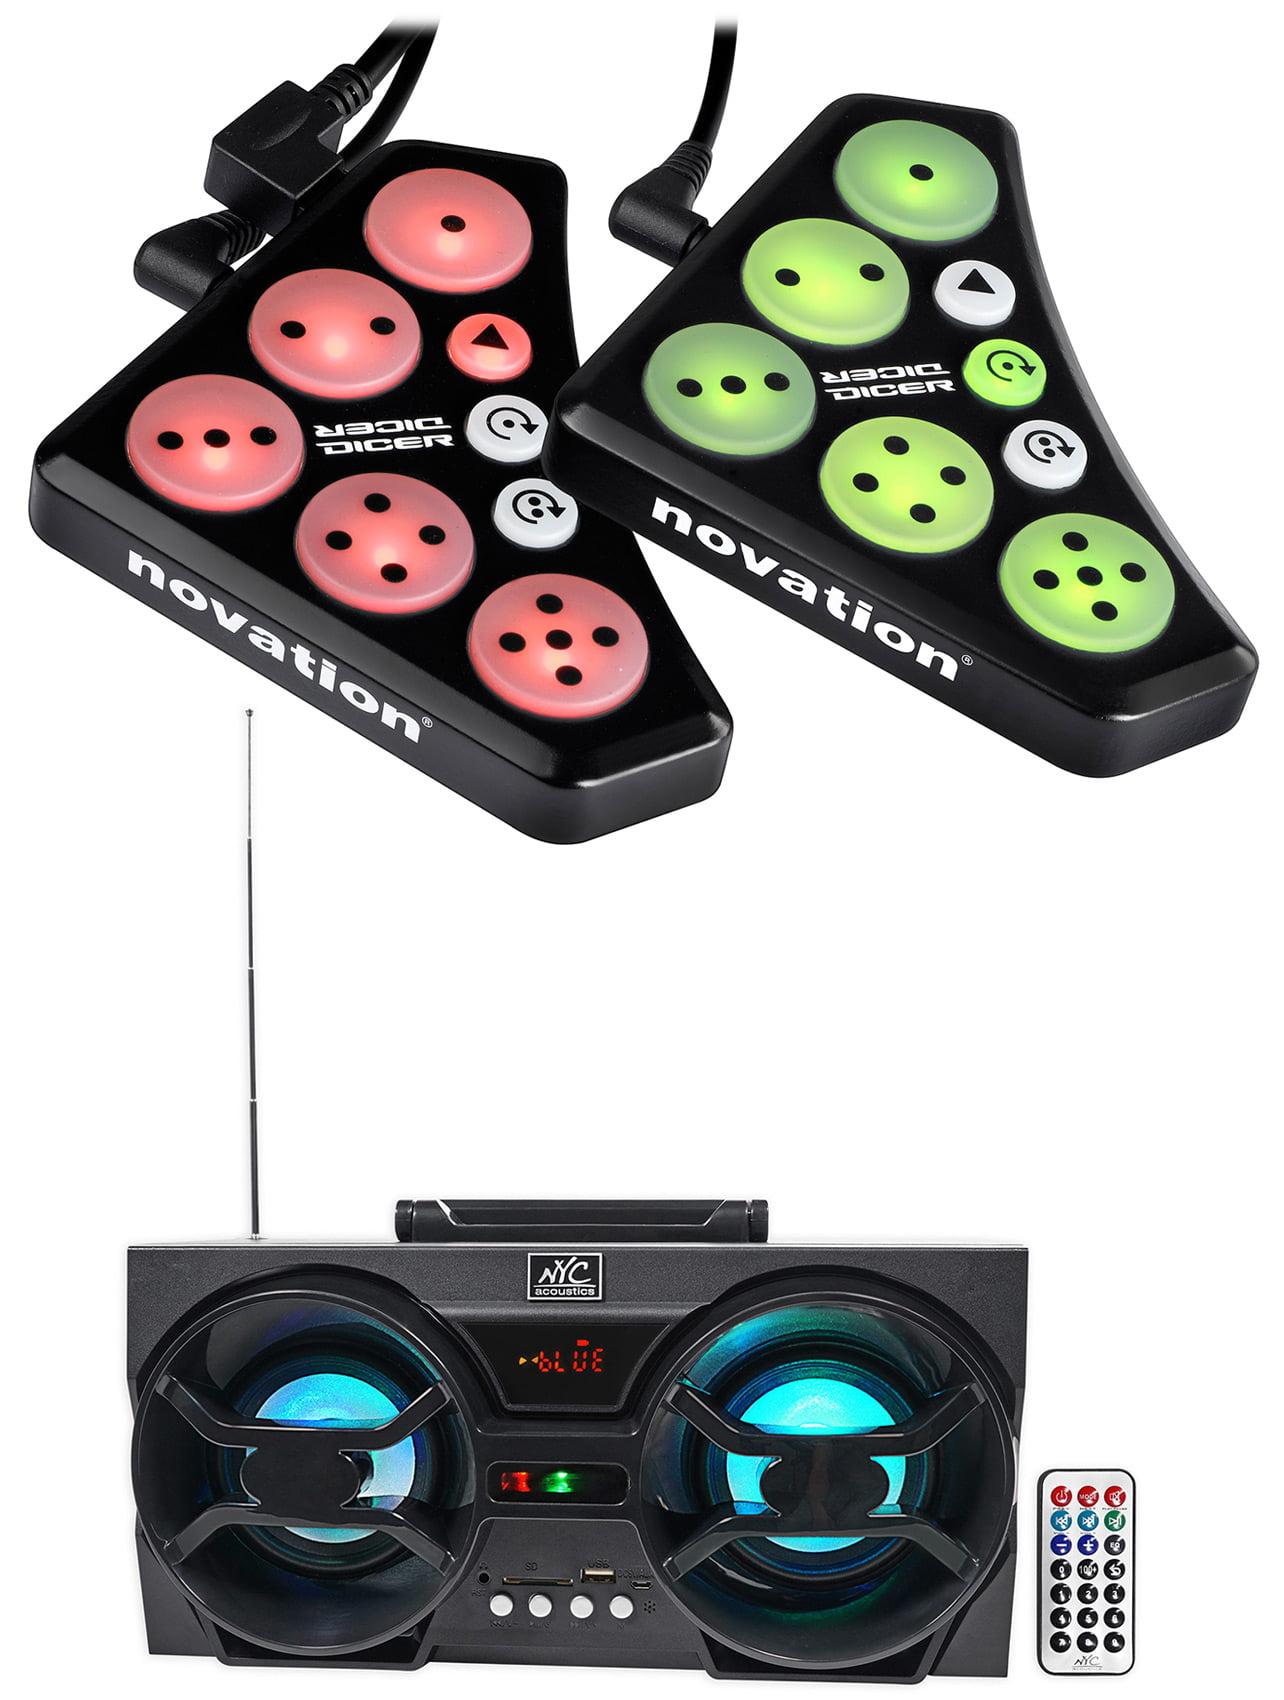 Novation DICER Digital Cue Point Looping Serato Traktor DJ Controller + Speaker by NOVATION